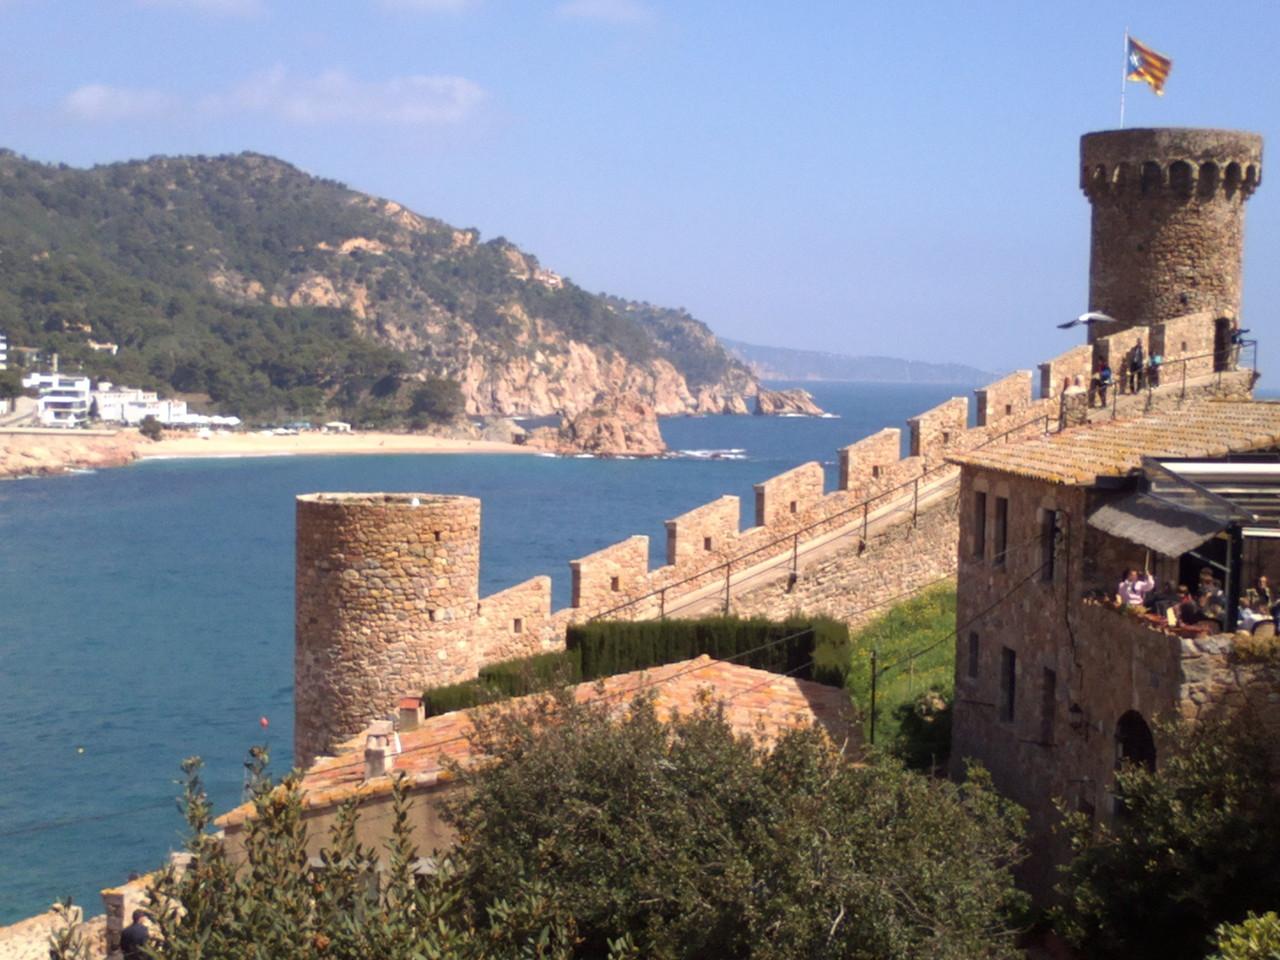 Vistas con el castillo de Tossa de Mar